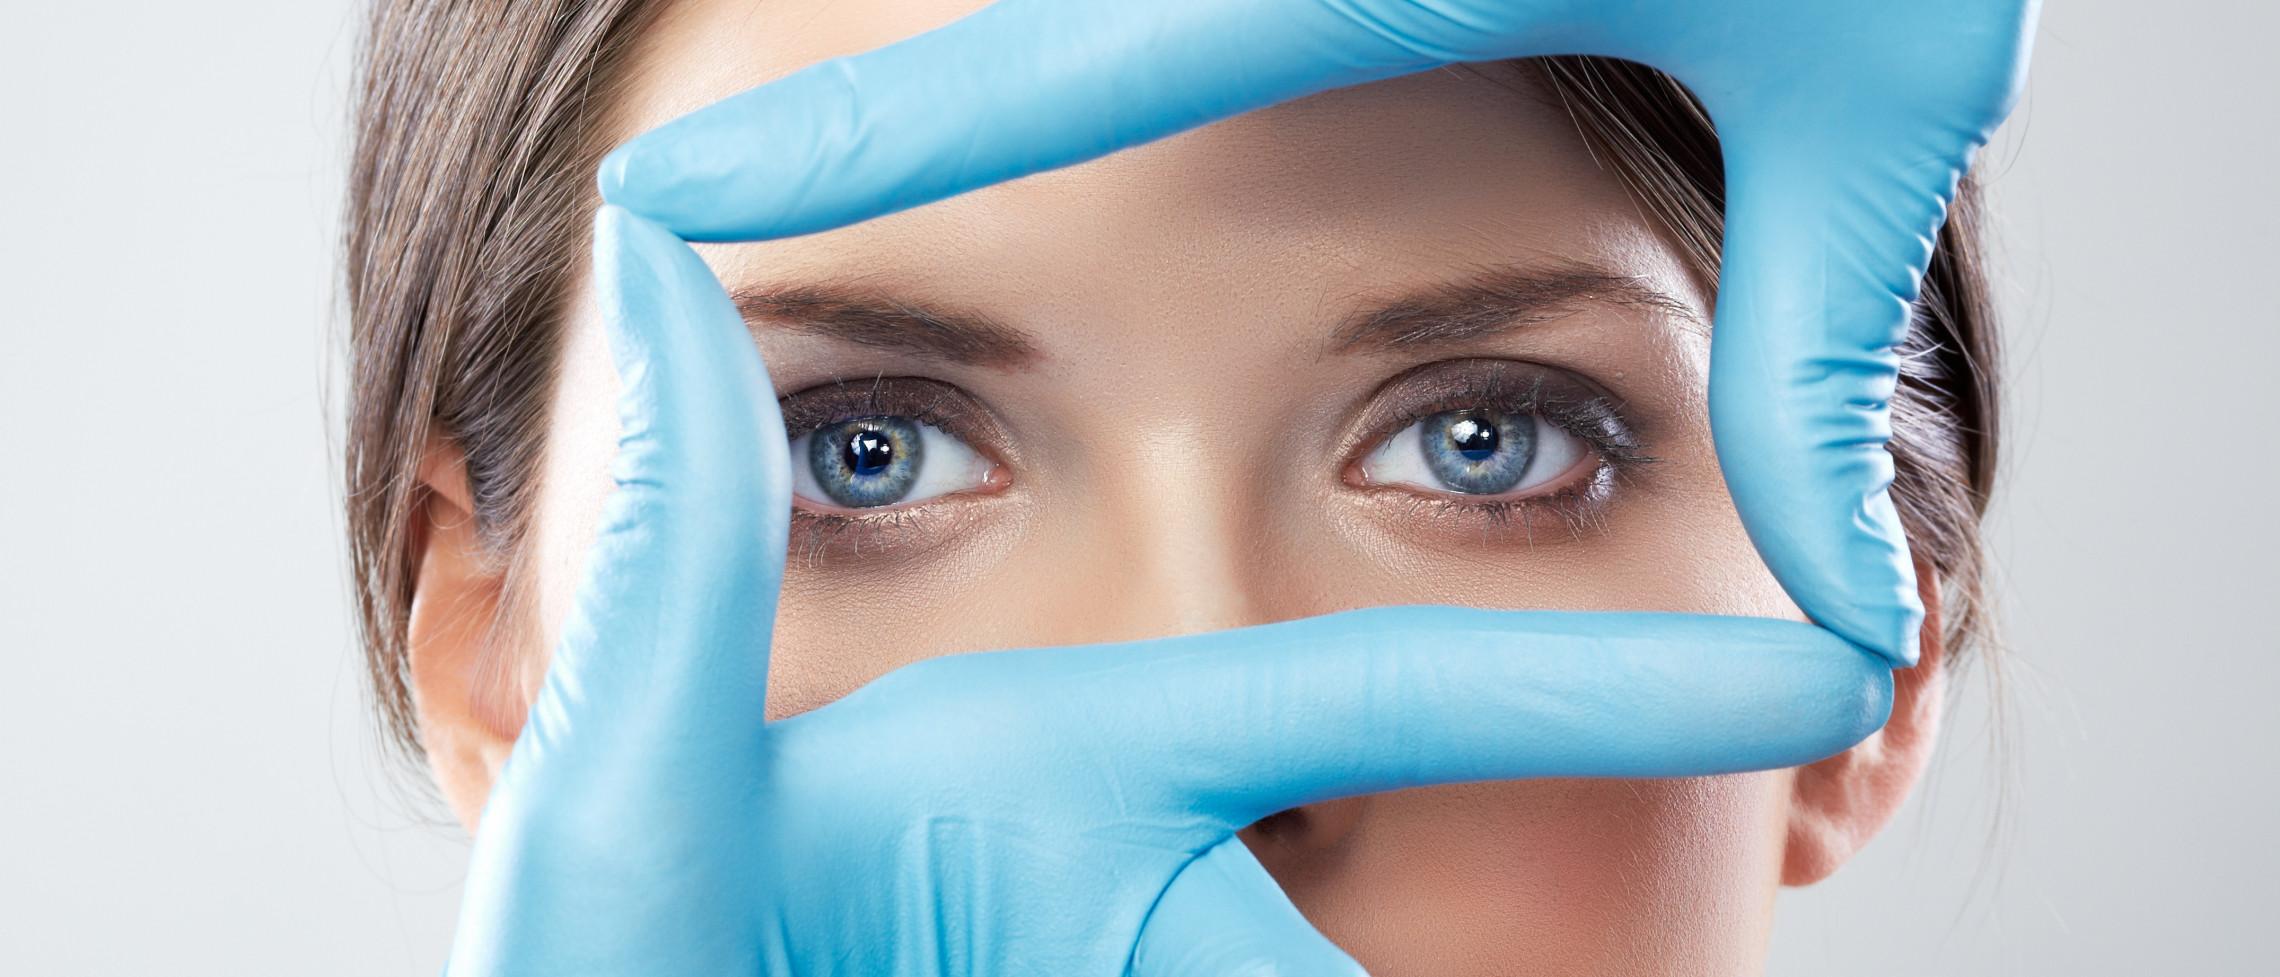 3D Cosmetic Imaging